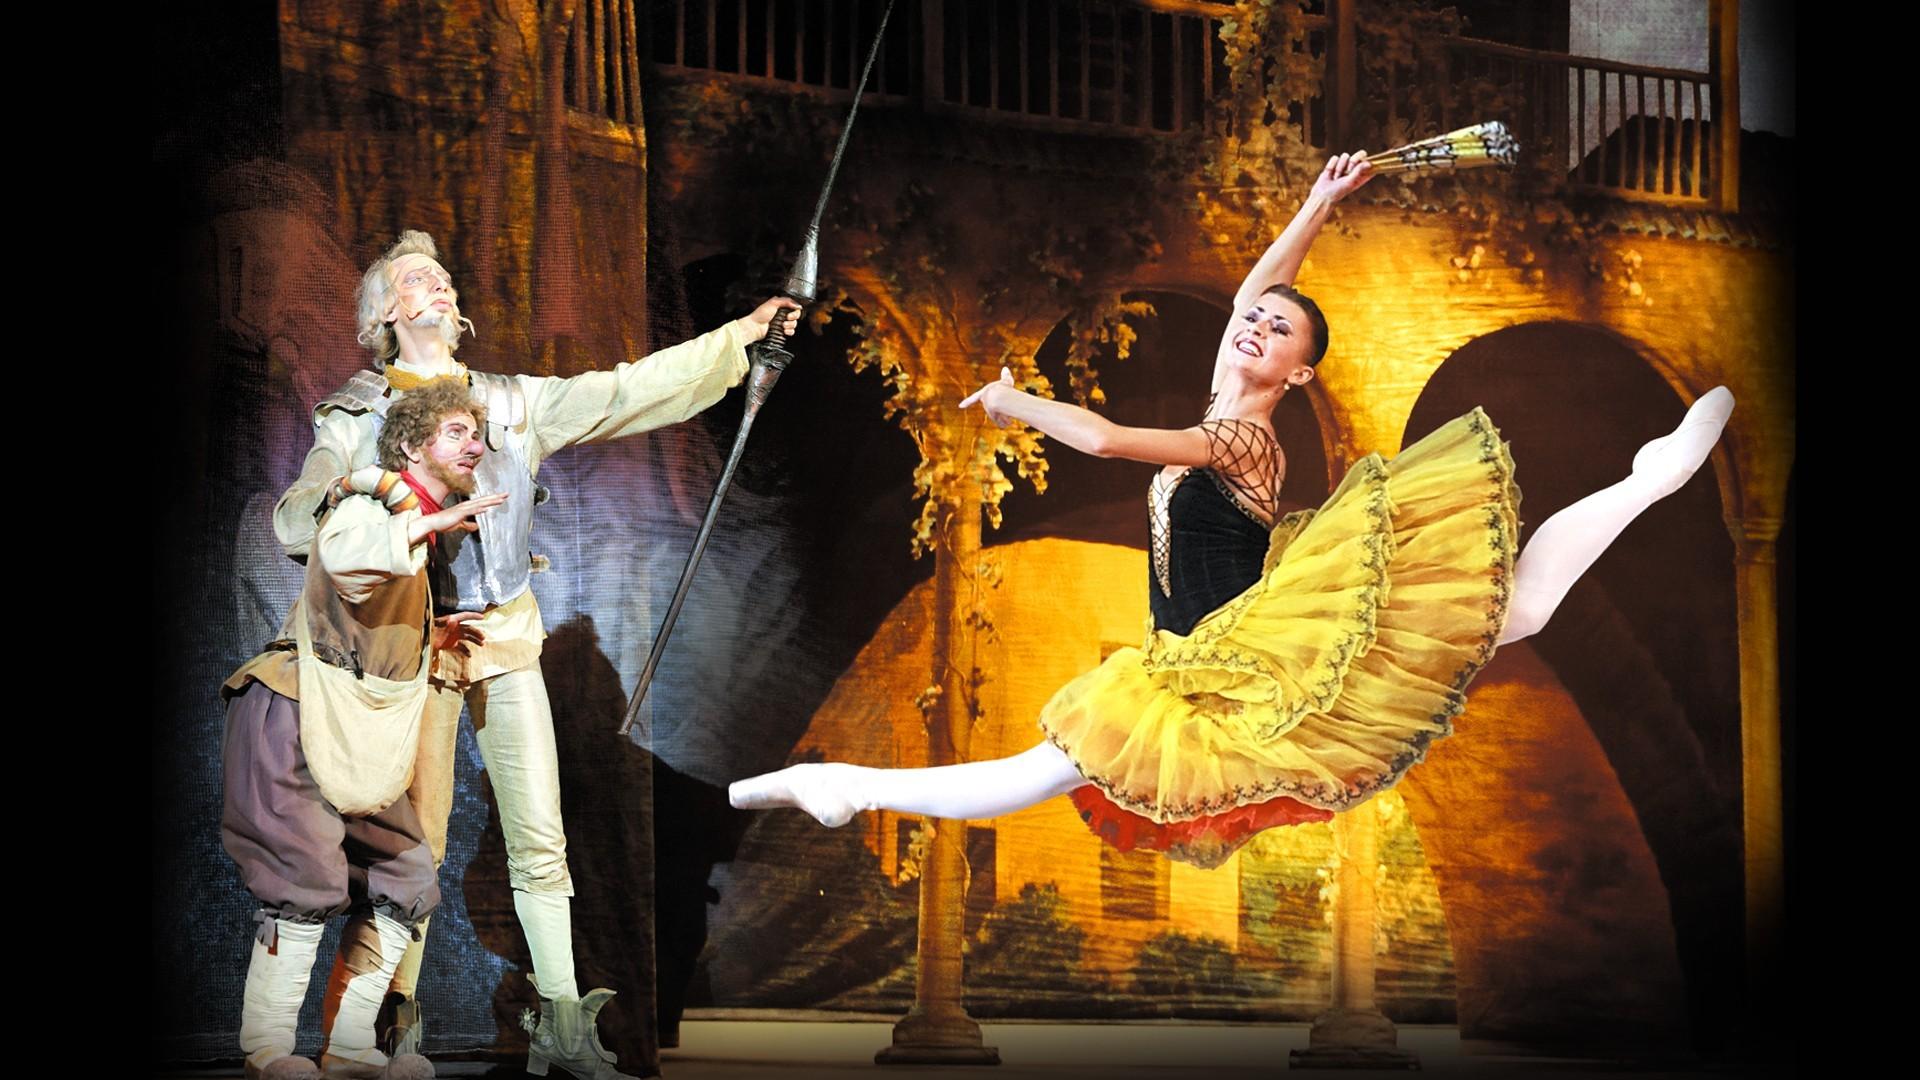 """IX Международный фестиваль балета в Кремле. Дон Кихот. Л. Минкус. Спектакль театра """"Кремлёвский балет"""""""